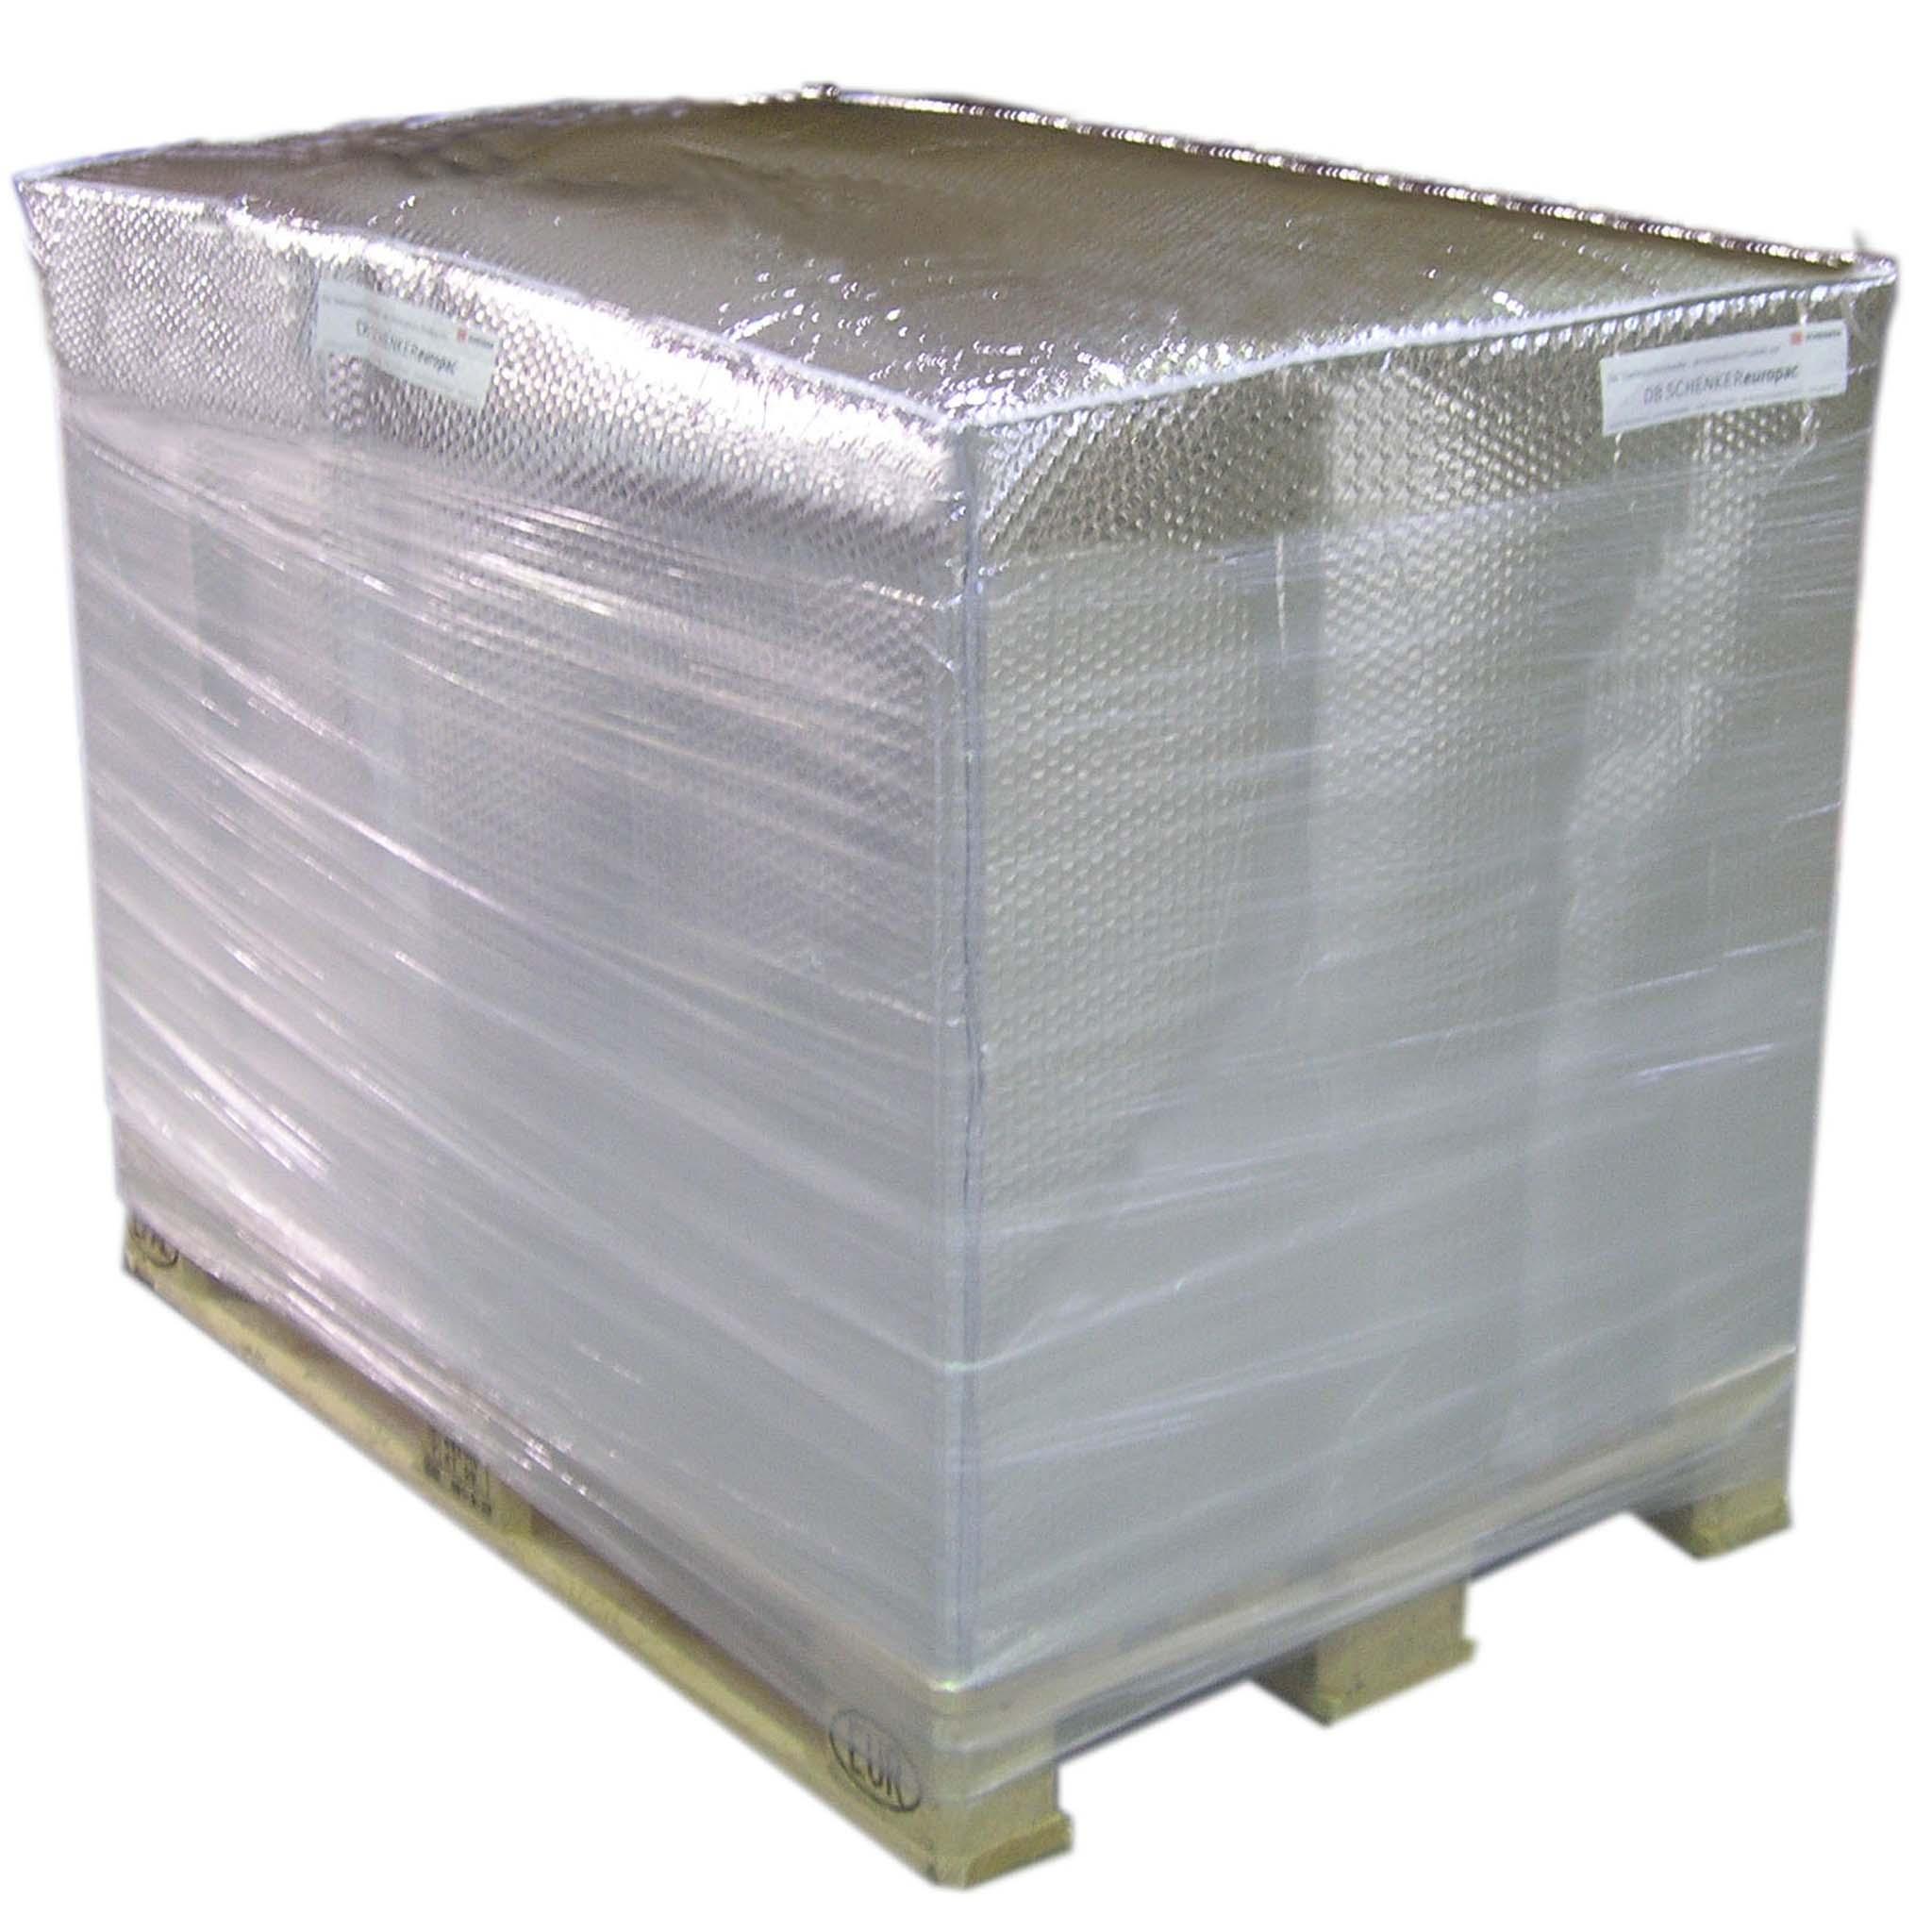 Thermoschutz für Paletten |  1.200 X 1.200 X 1.600 mm